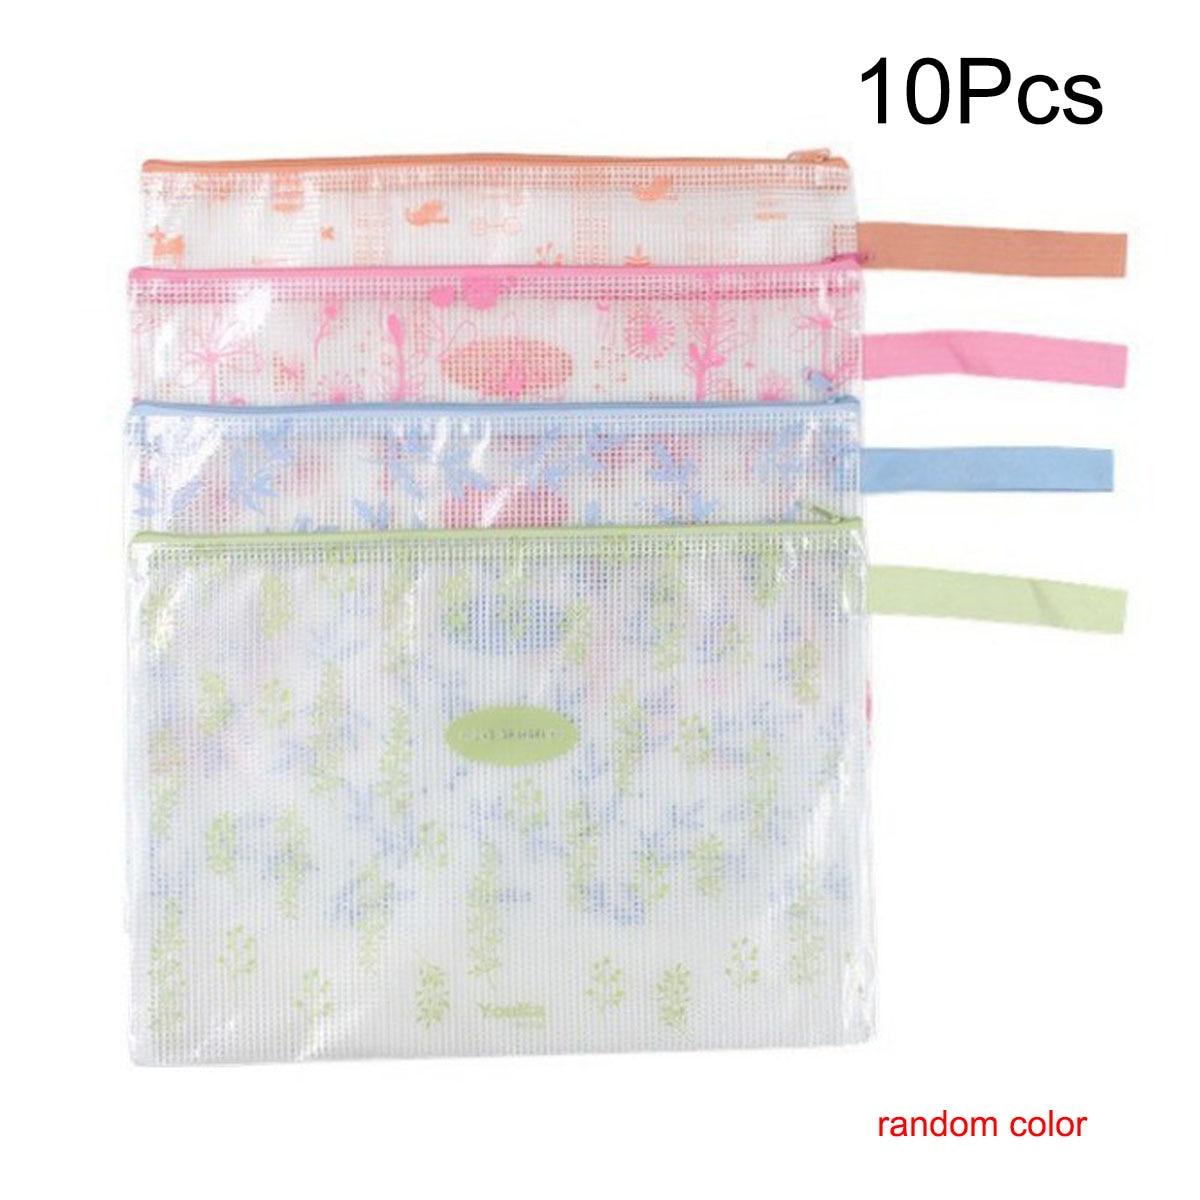 10 Pcs A4 Size Plastic Zip Document Filing Folder Bag Storage Pouch